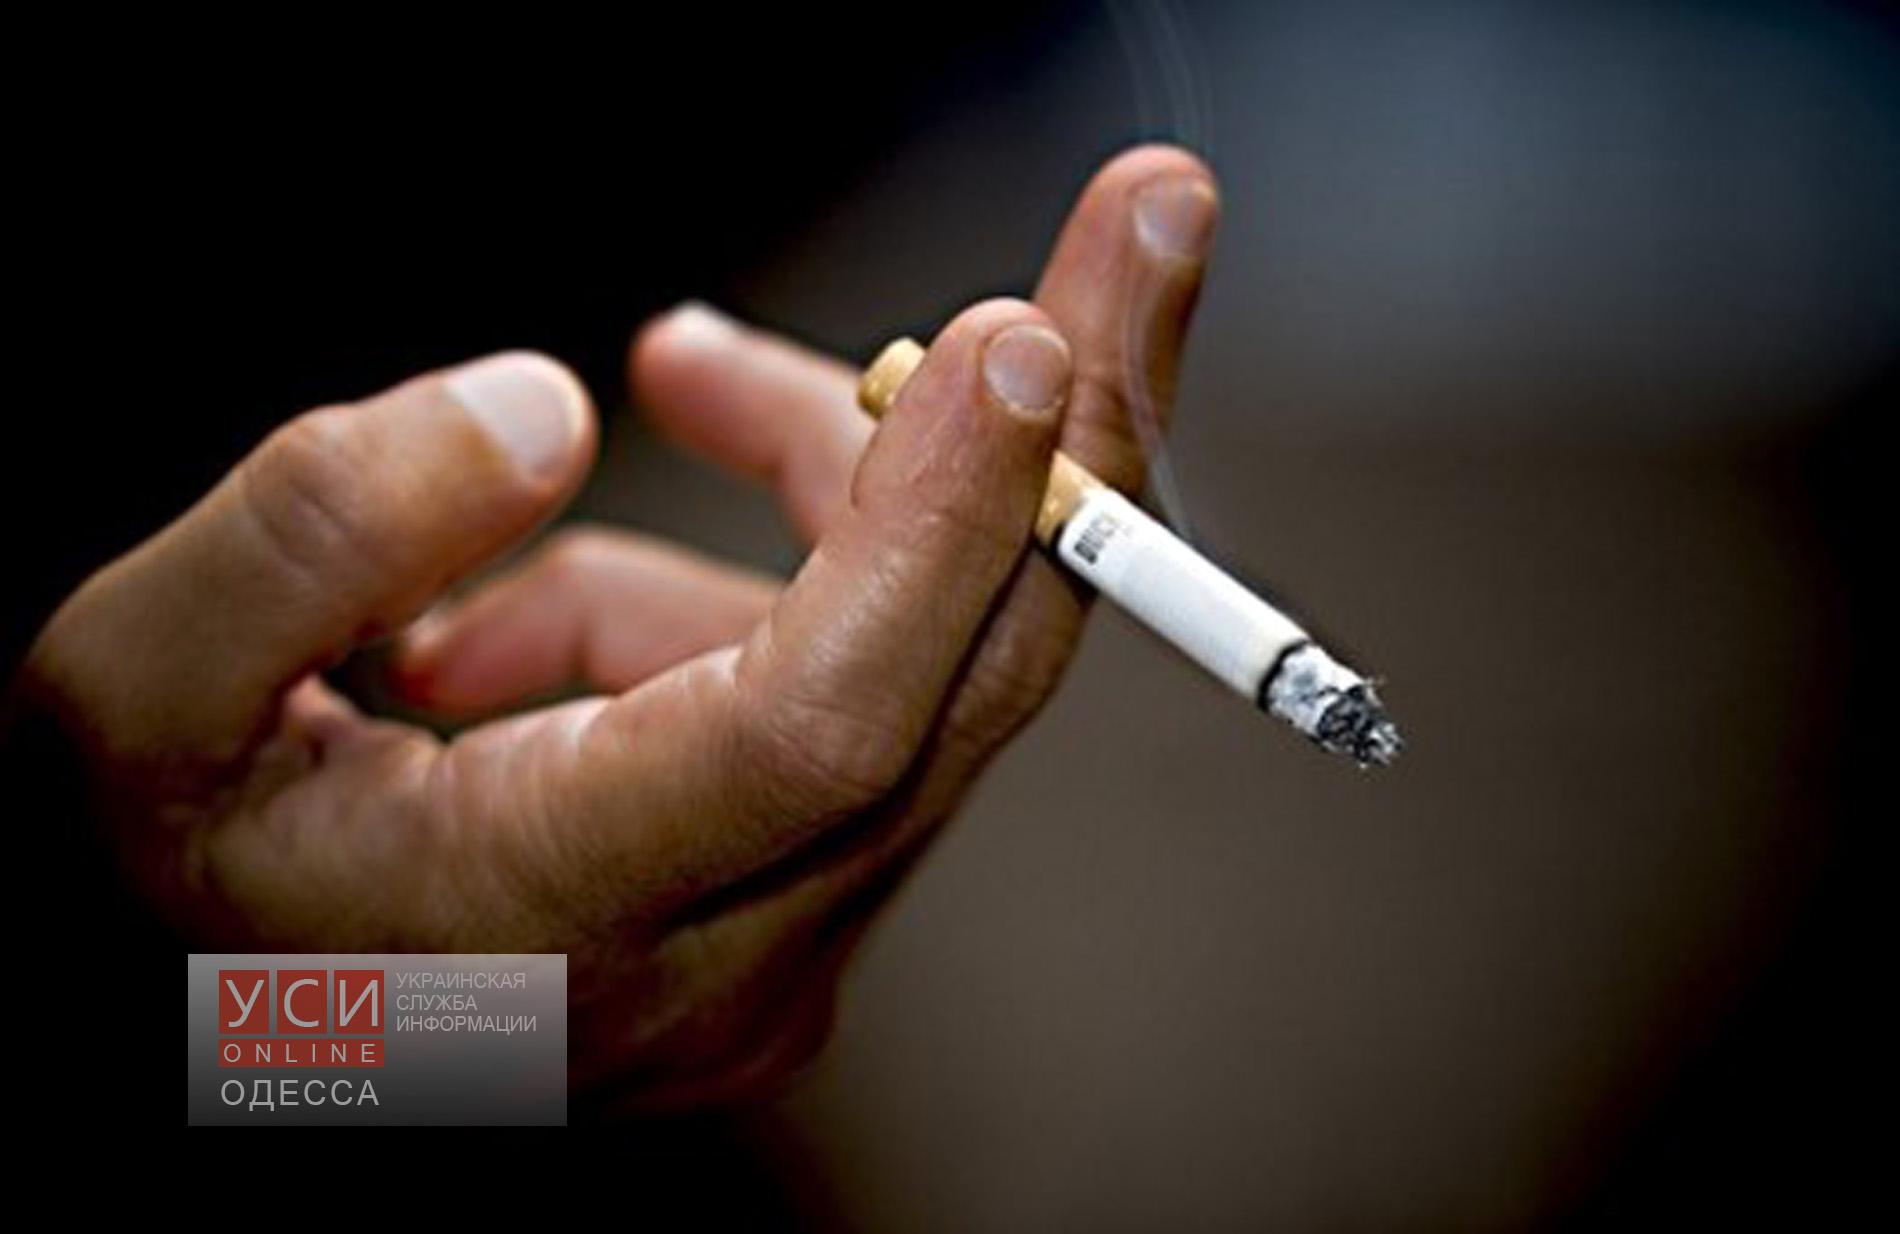 Предупреждению и уменьшению употребления табачных изделий электронная сигарета купить в киселевске